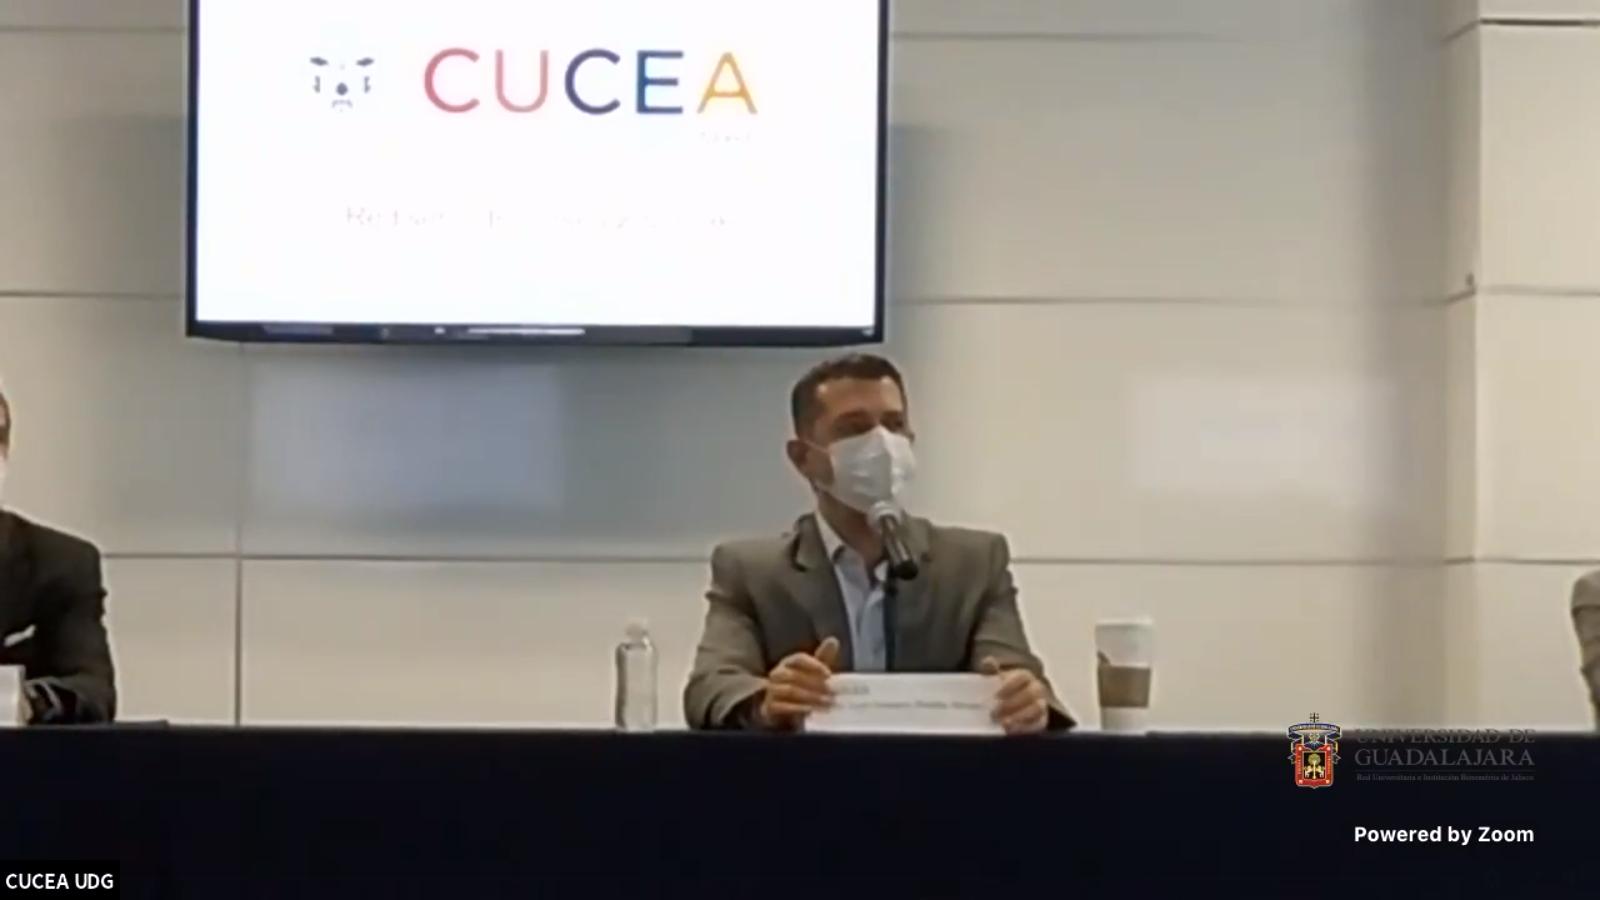 El Rector del CUCEA, maestro Luis Gustavo Padilla Montes